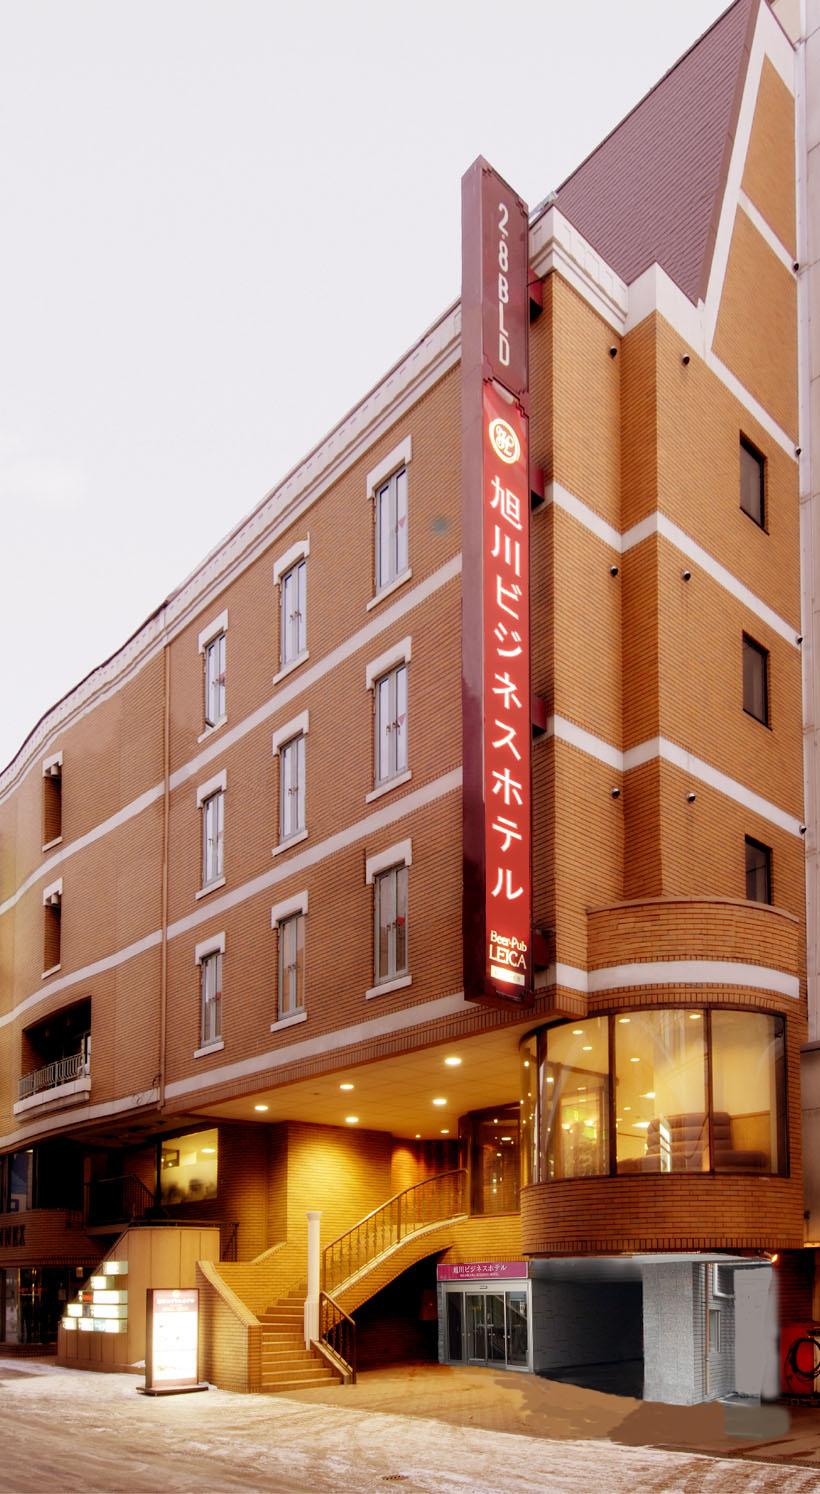 北海道旭川市二条通8丁目左3 旭川ビジネスホテル -01